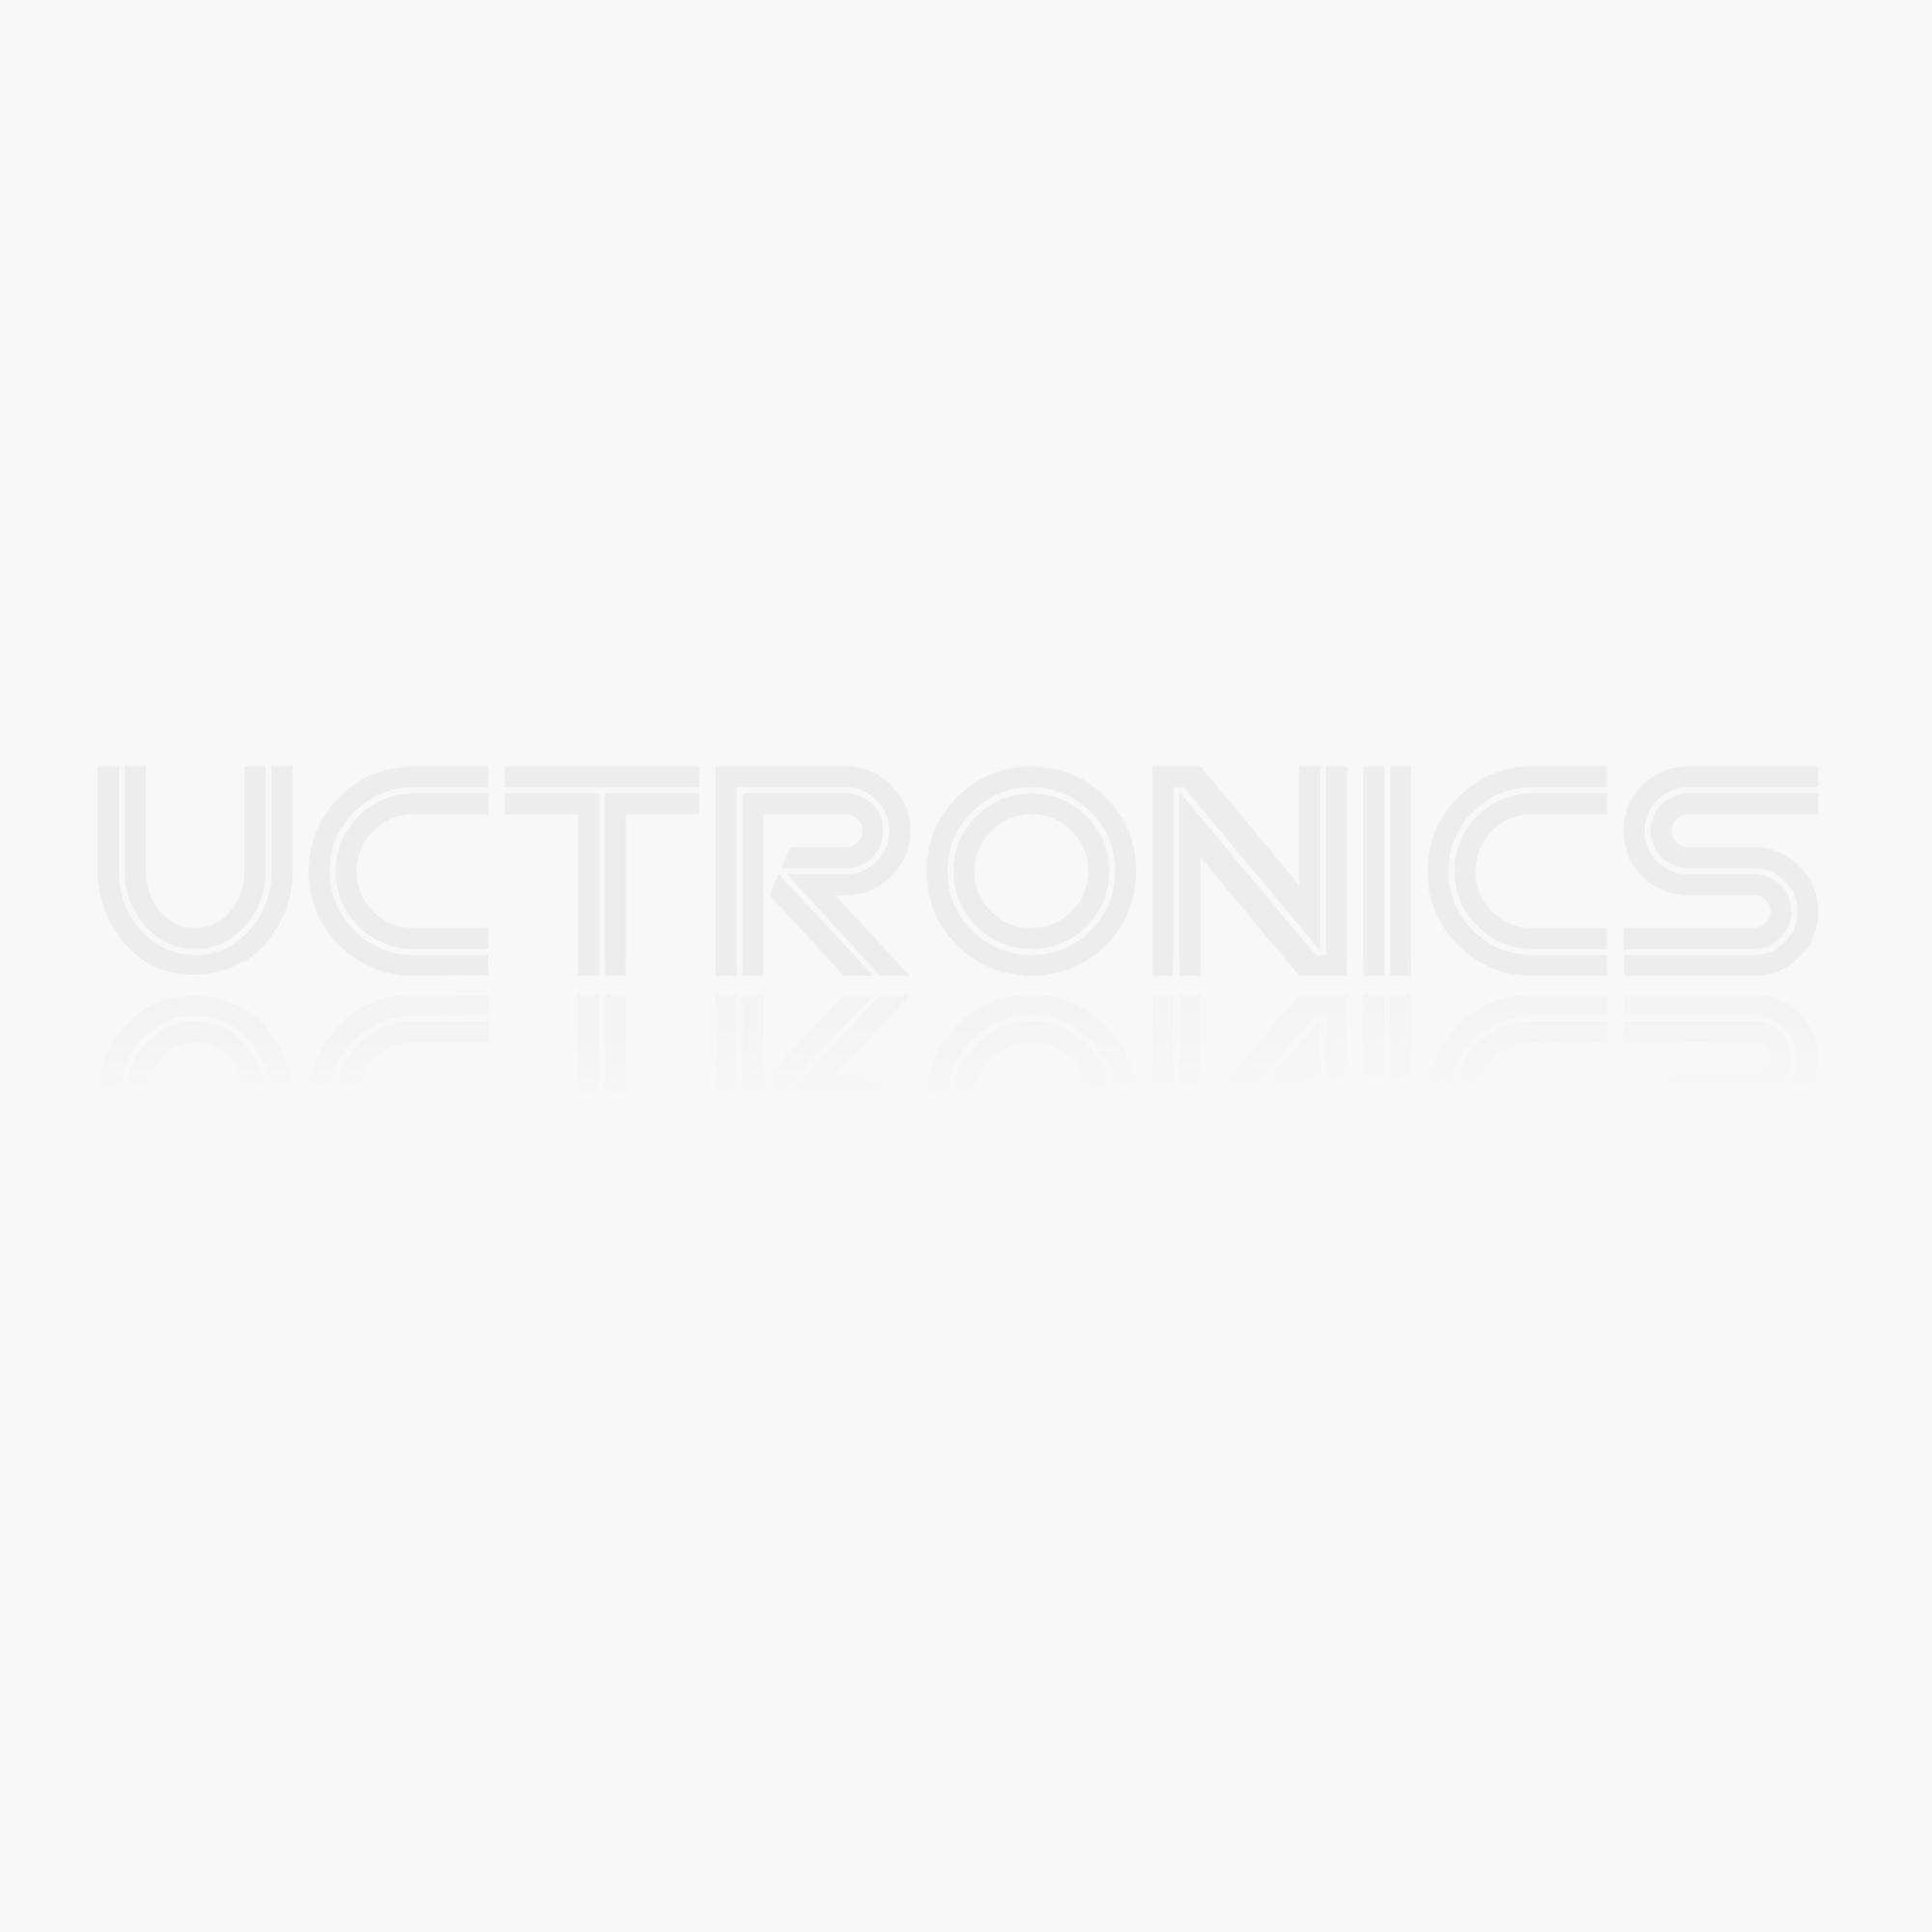 GY-YTV3 Gimbal Brushless Controller V3 PTZ Controller